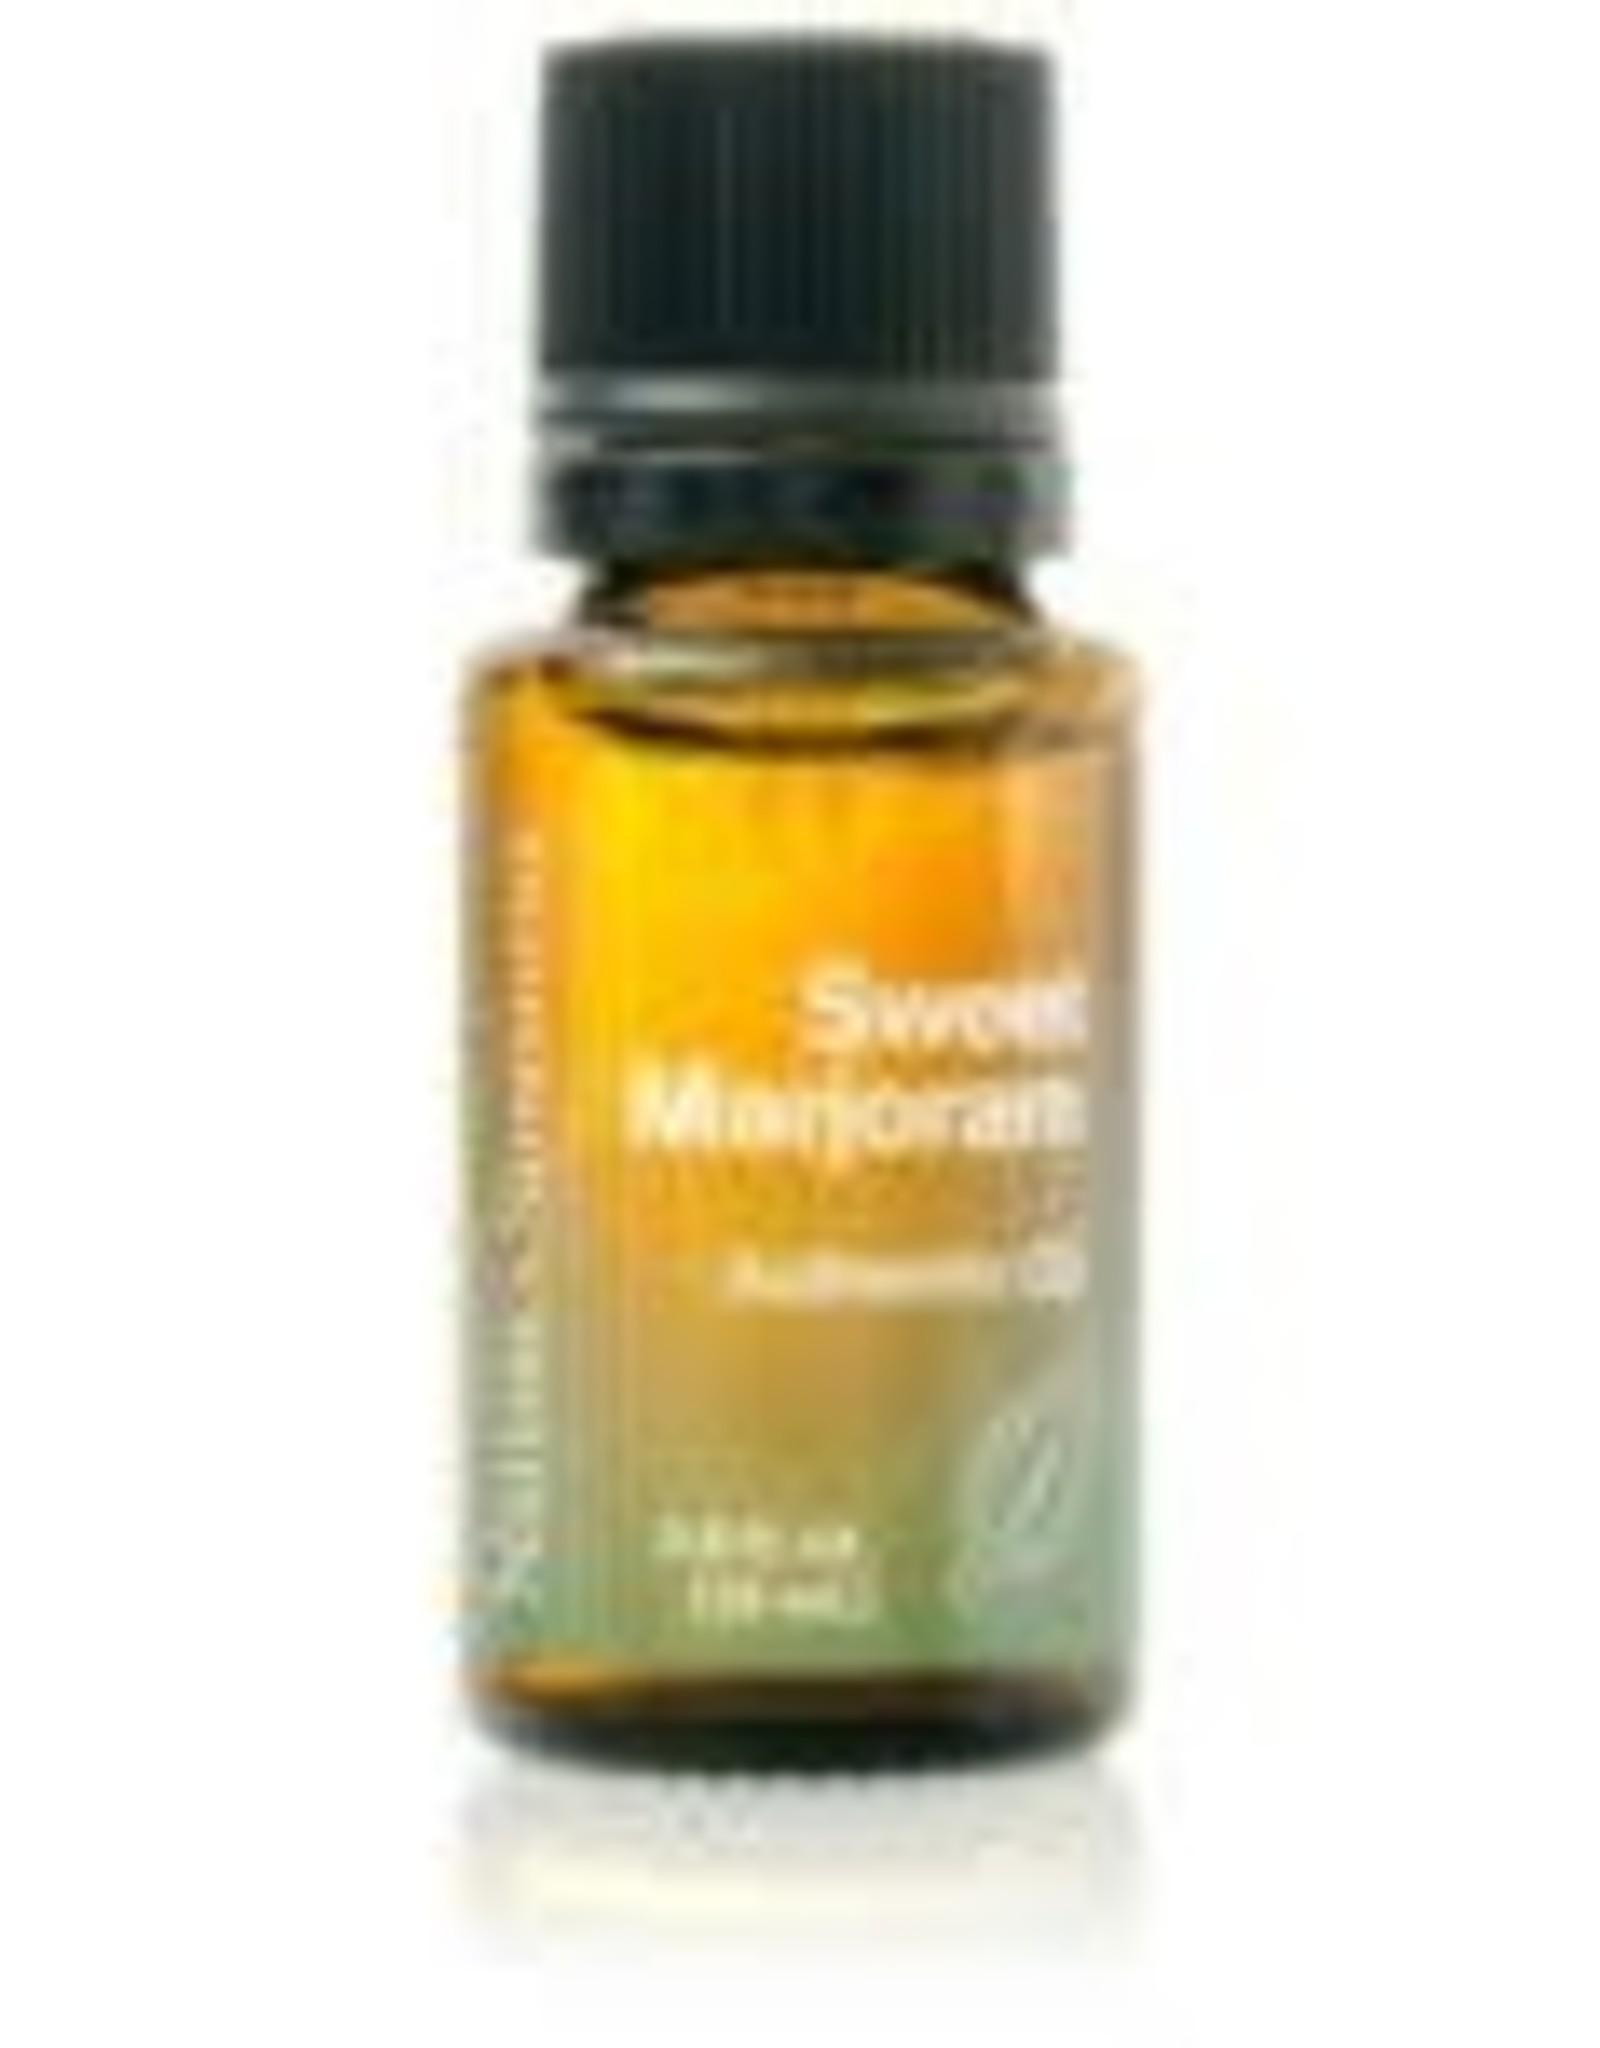 Sweet Marjoram Oil